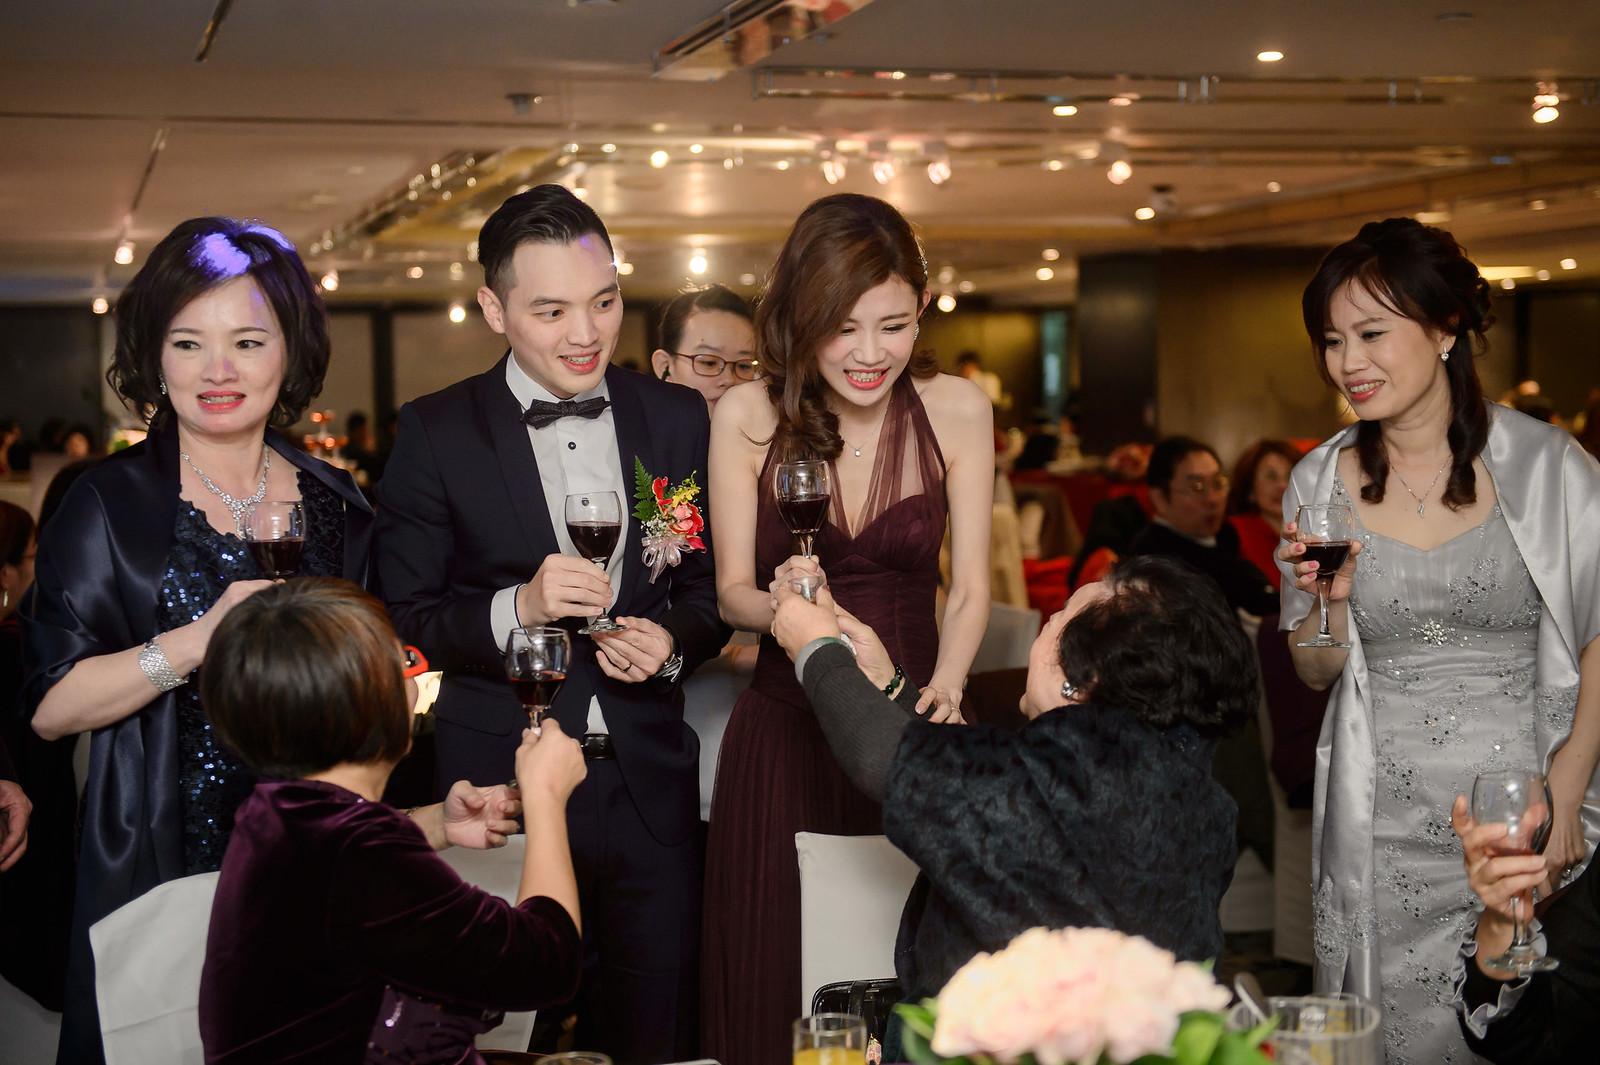 台北婚攝, 婚禮攝影, 婚攝, 婚攝守恆, 婚攝推薦, 晶華酒店, 晶華酒店婚宴, 晶華酒店婚攝-97